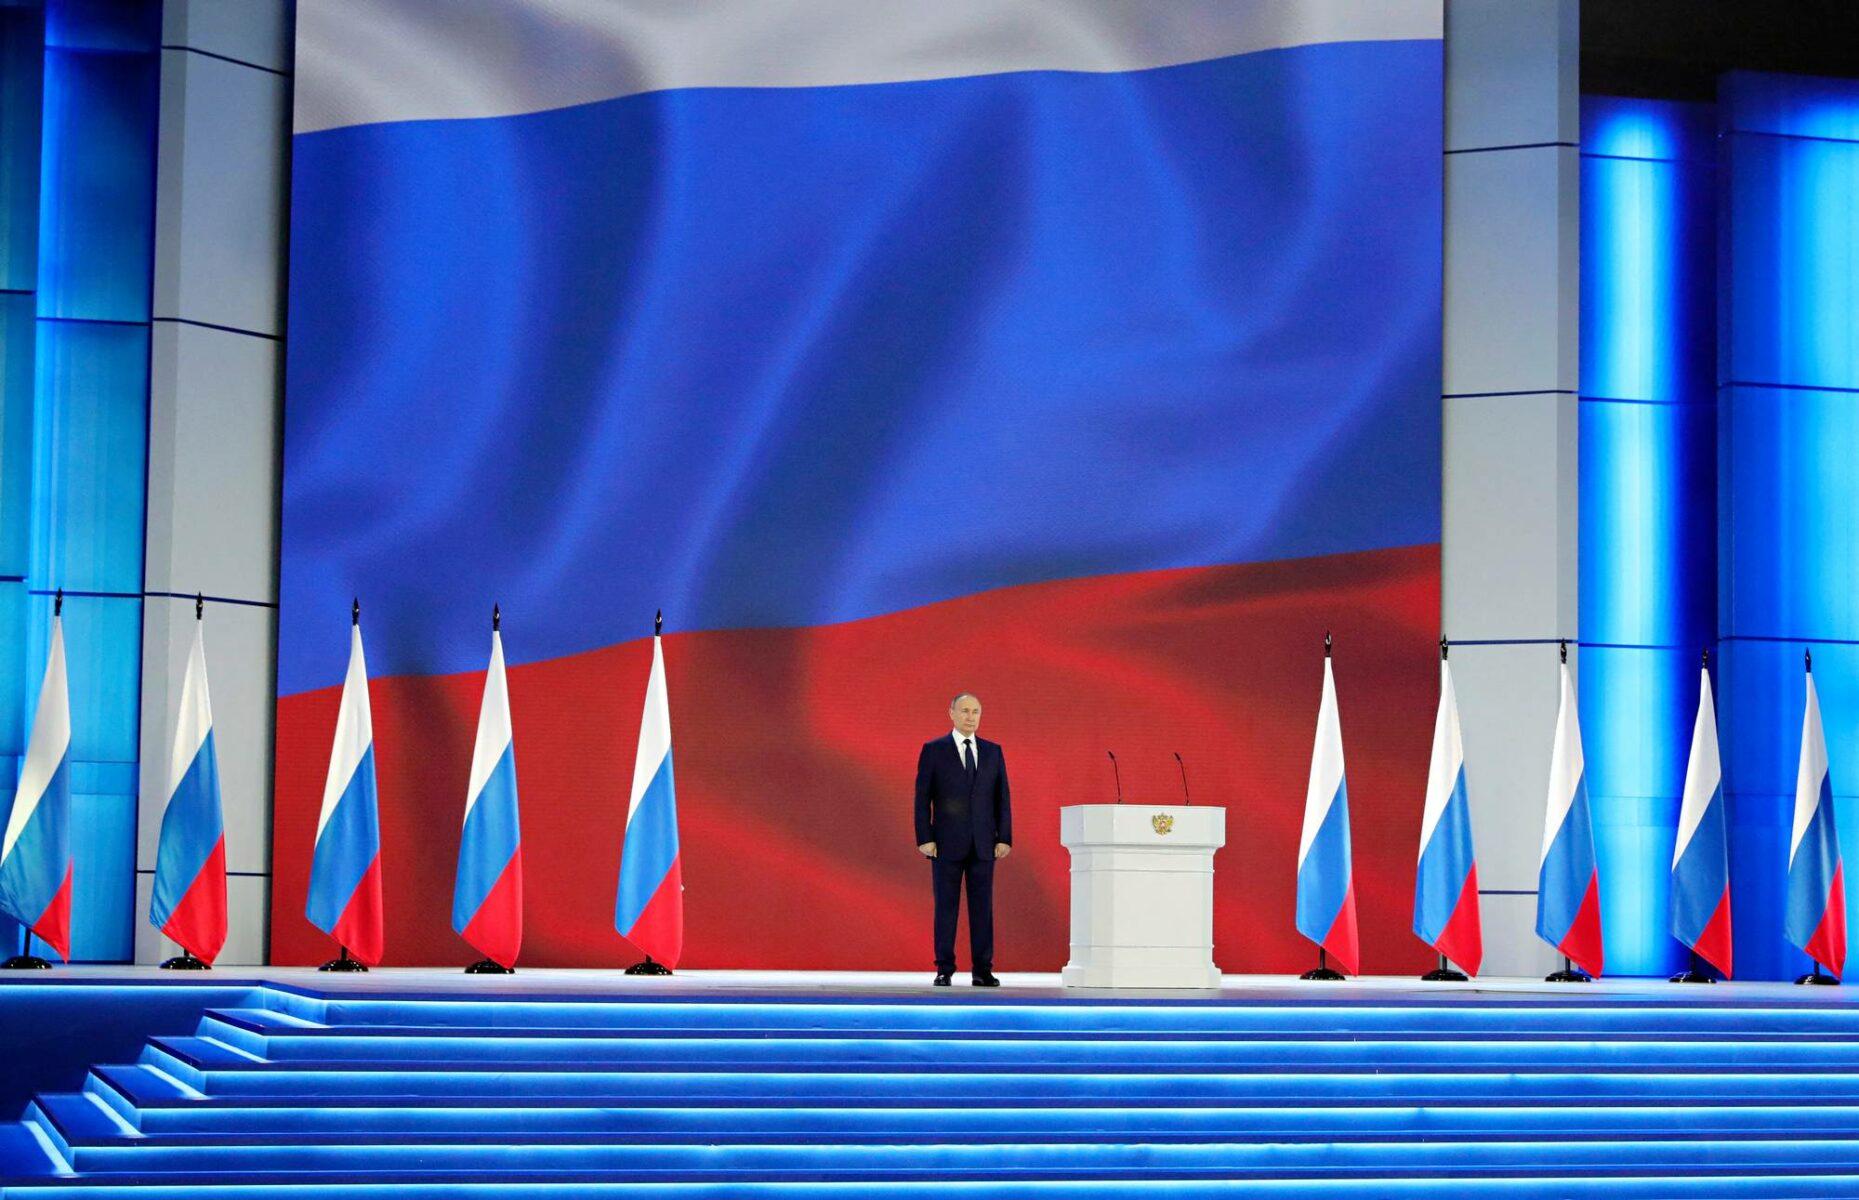 Presidentti Vladimir Putin piti vuotuisen puheensa kansakunnan tilasta Moskovan Maneesi-näyttelyhallissa 21. huhtikuuta 2021. Samaan aikaan mielenosoittajat vaativat Aleksei Navalnyin vapauttamista ja suhteet länsimaihin olivat kiristyneet entisestään venäläisjoukkojen ryhmityttyä uhkaavasti Ukrainan rajoille.